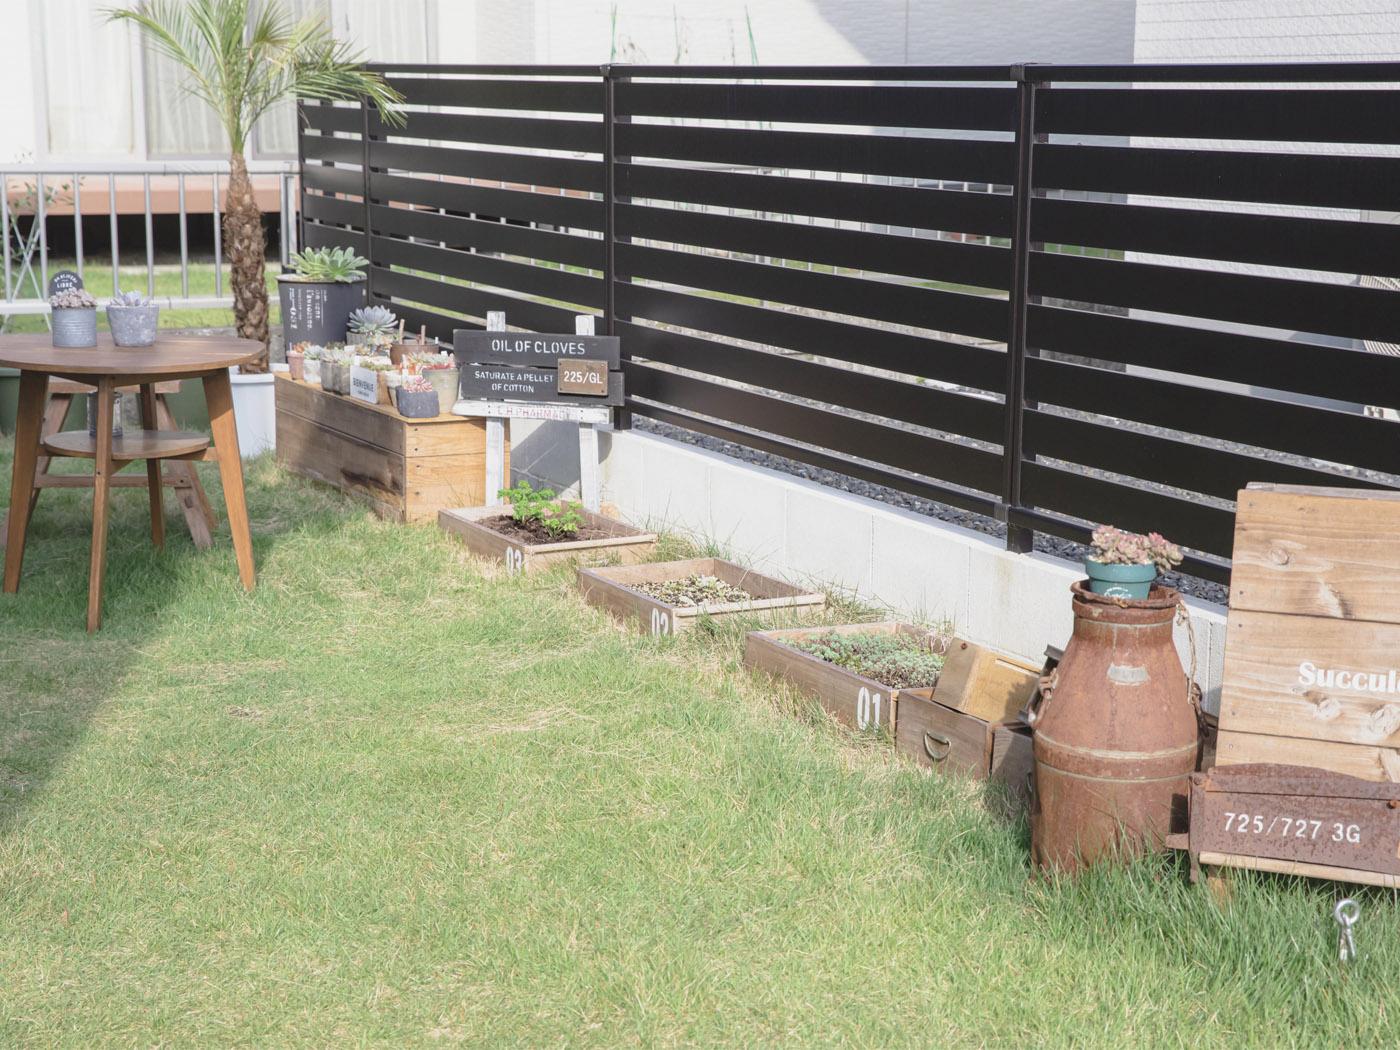 庭の一角を用いた家庭菜園では、トマトやブロッコリーを育てているそう。